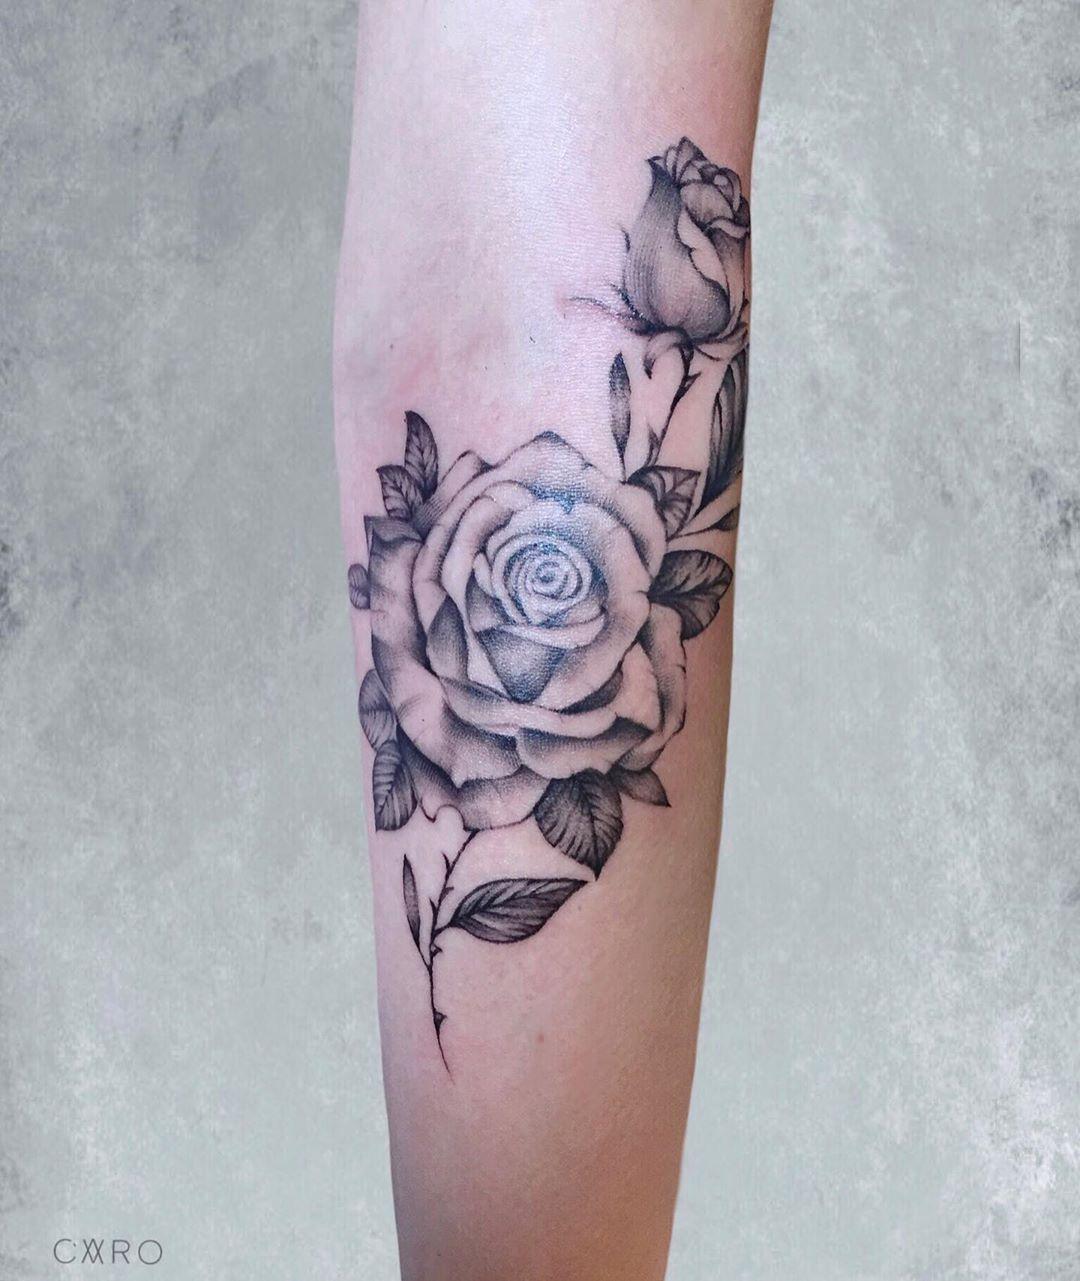 🌿#tattoo #tatt #tattoogirl #tattoos #tattooart #tattoomodel #art #ink #rose #instagood #follwme #blacktattoo #polandtattoos #handtattoo #cracow